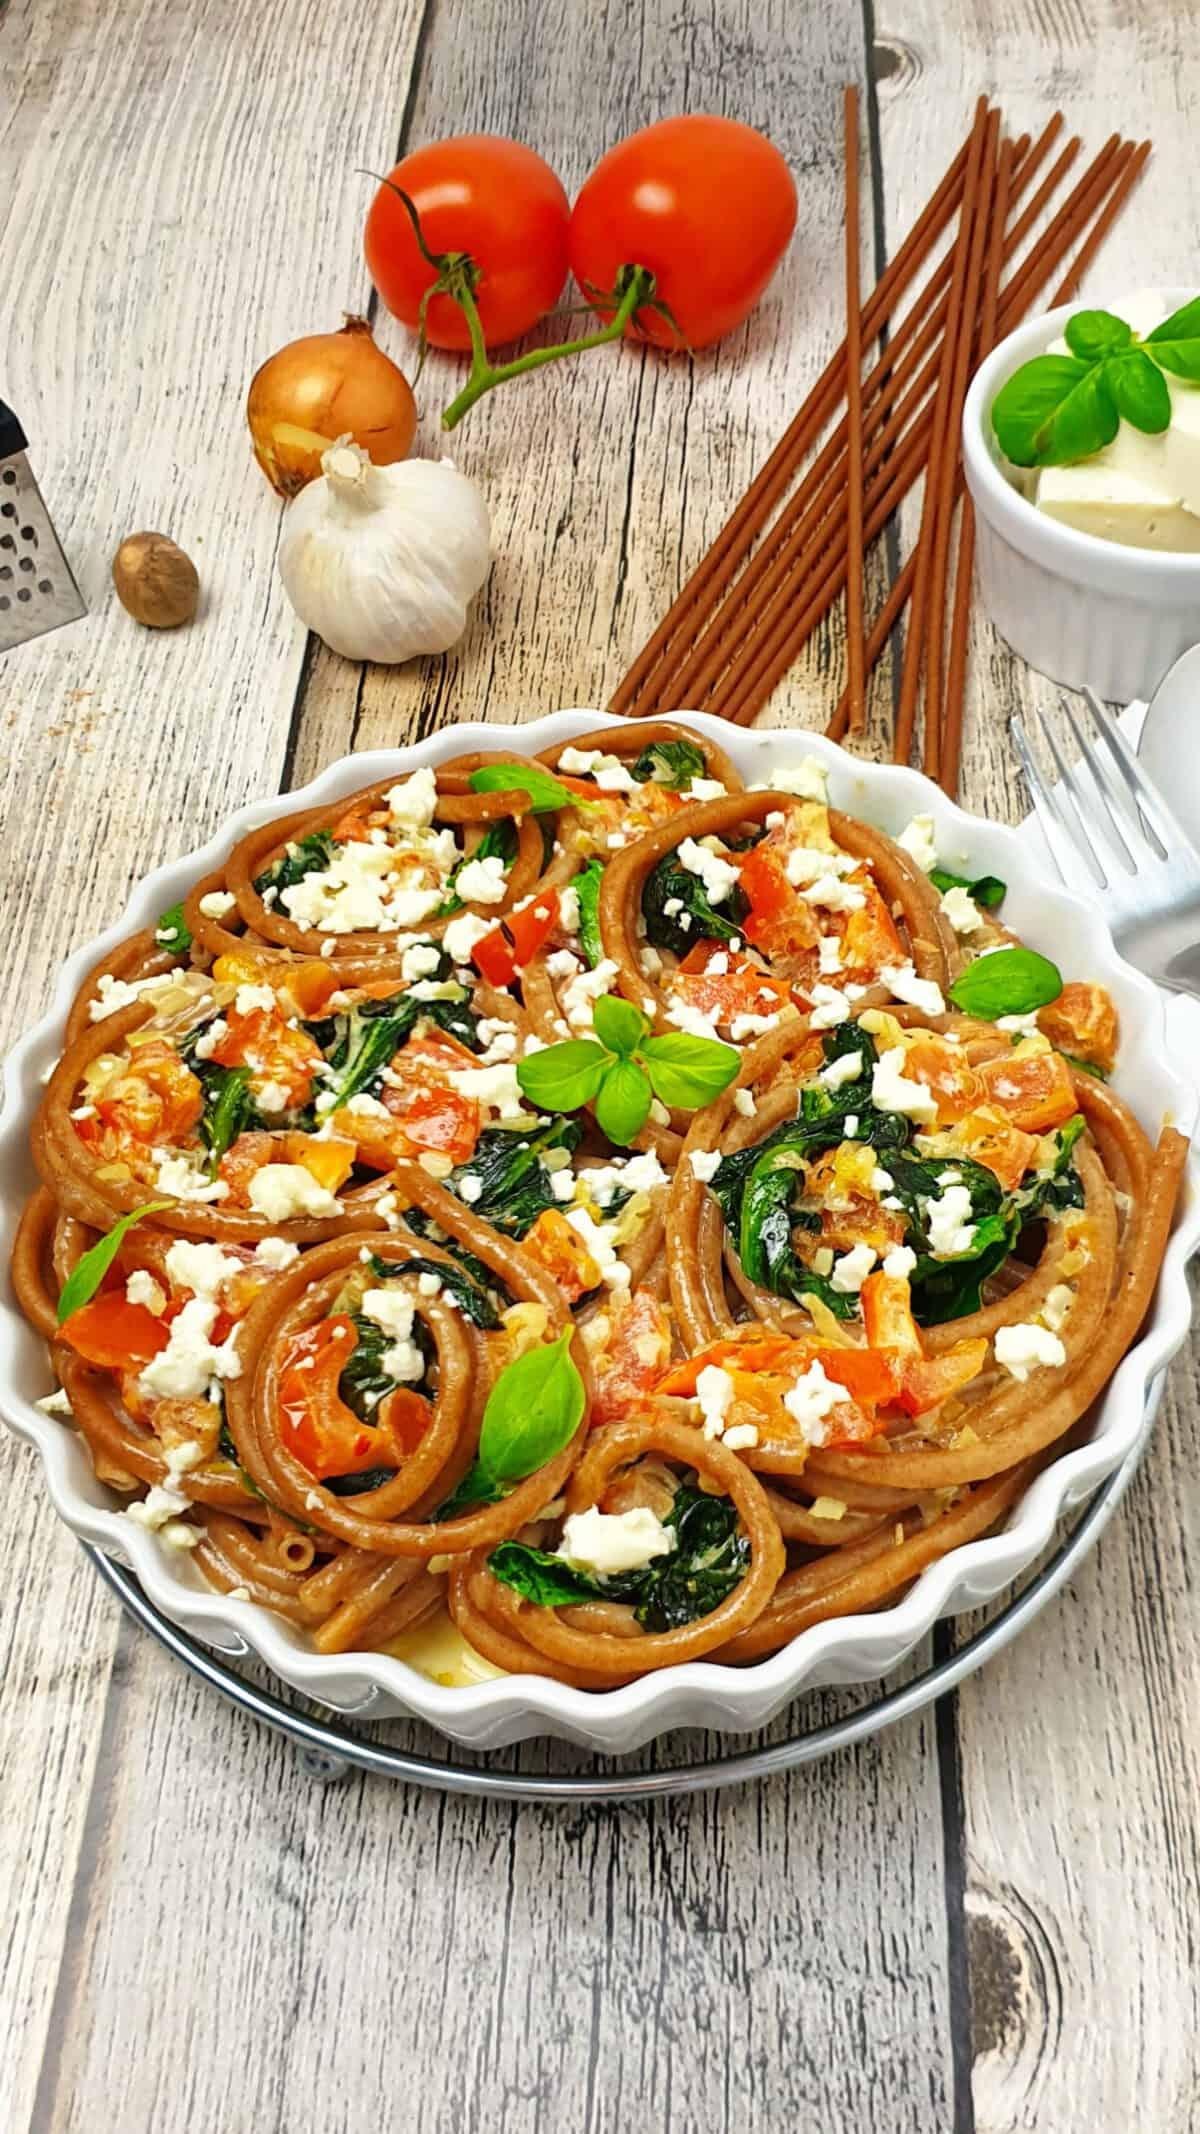 Vollkorn Makkaroni Auflauf mit Spinat und Feta in einer weißen runden Auflaufform.